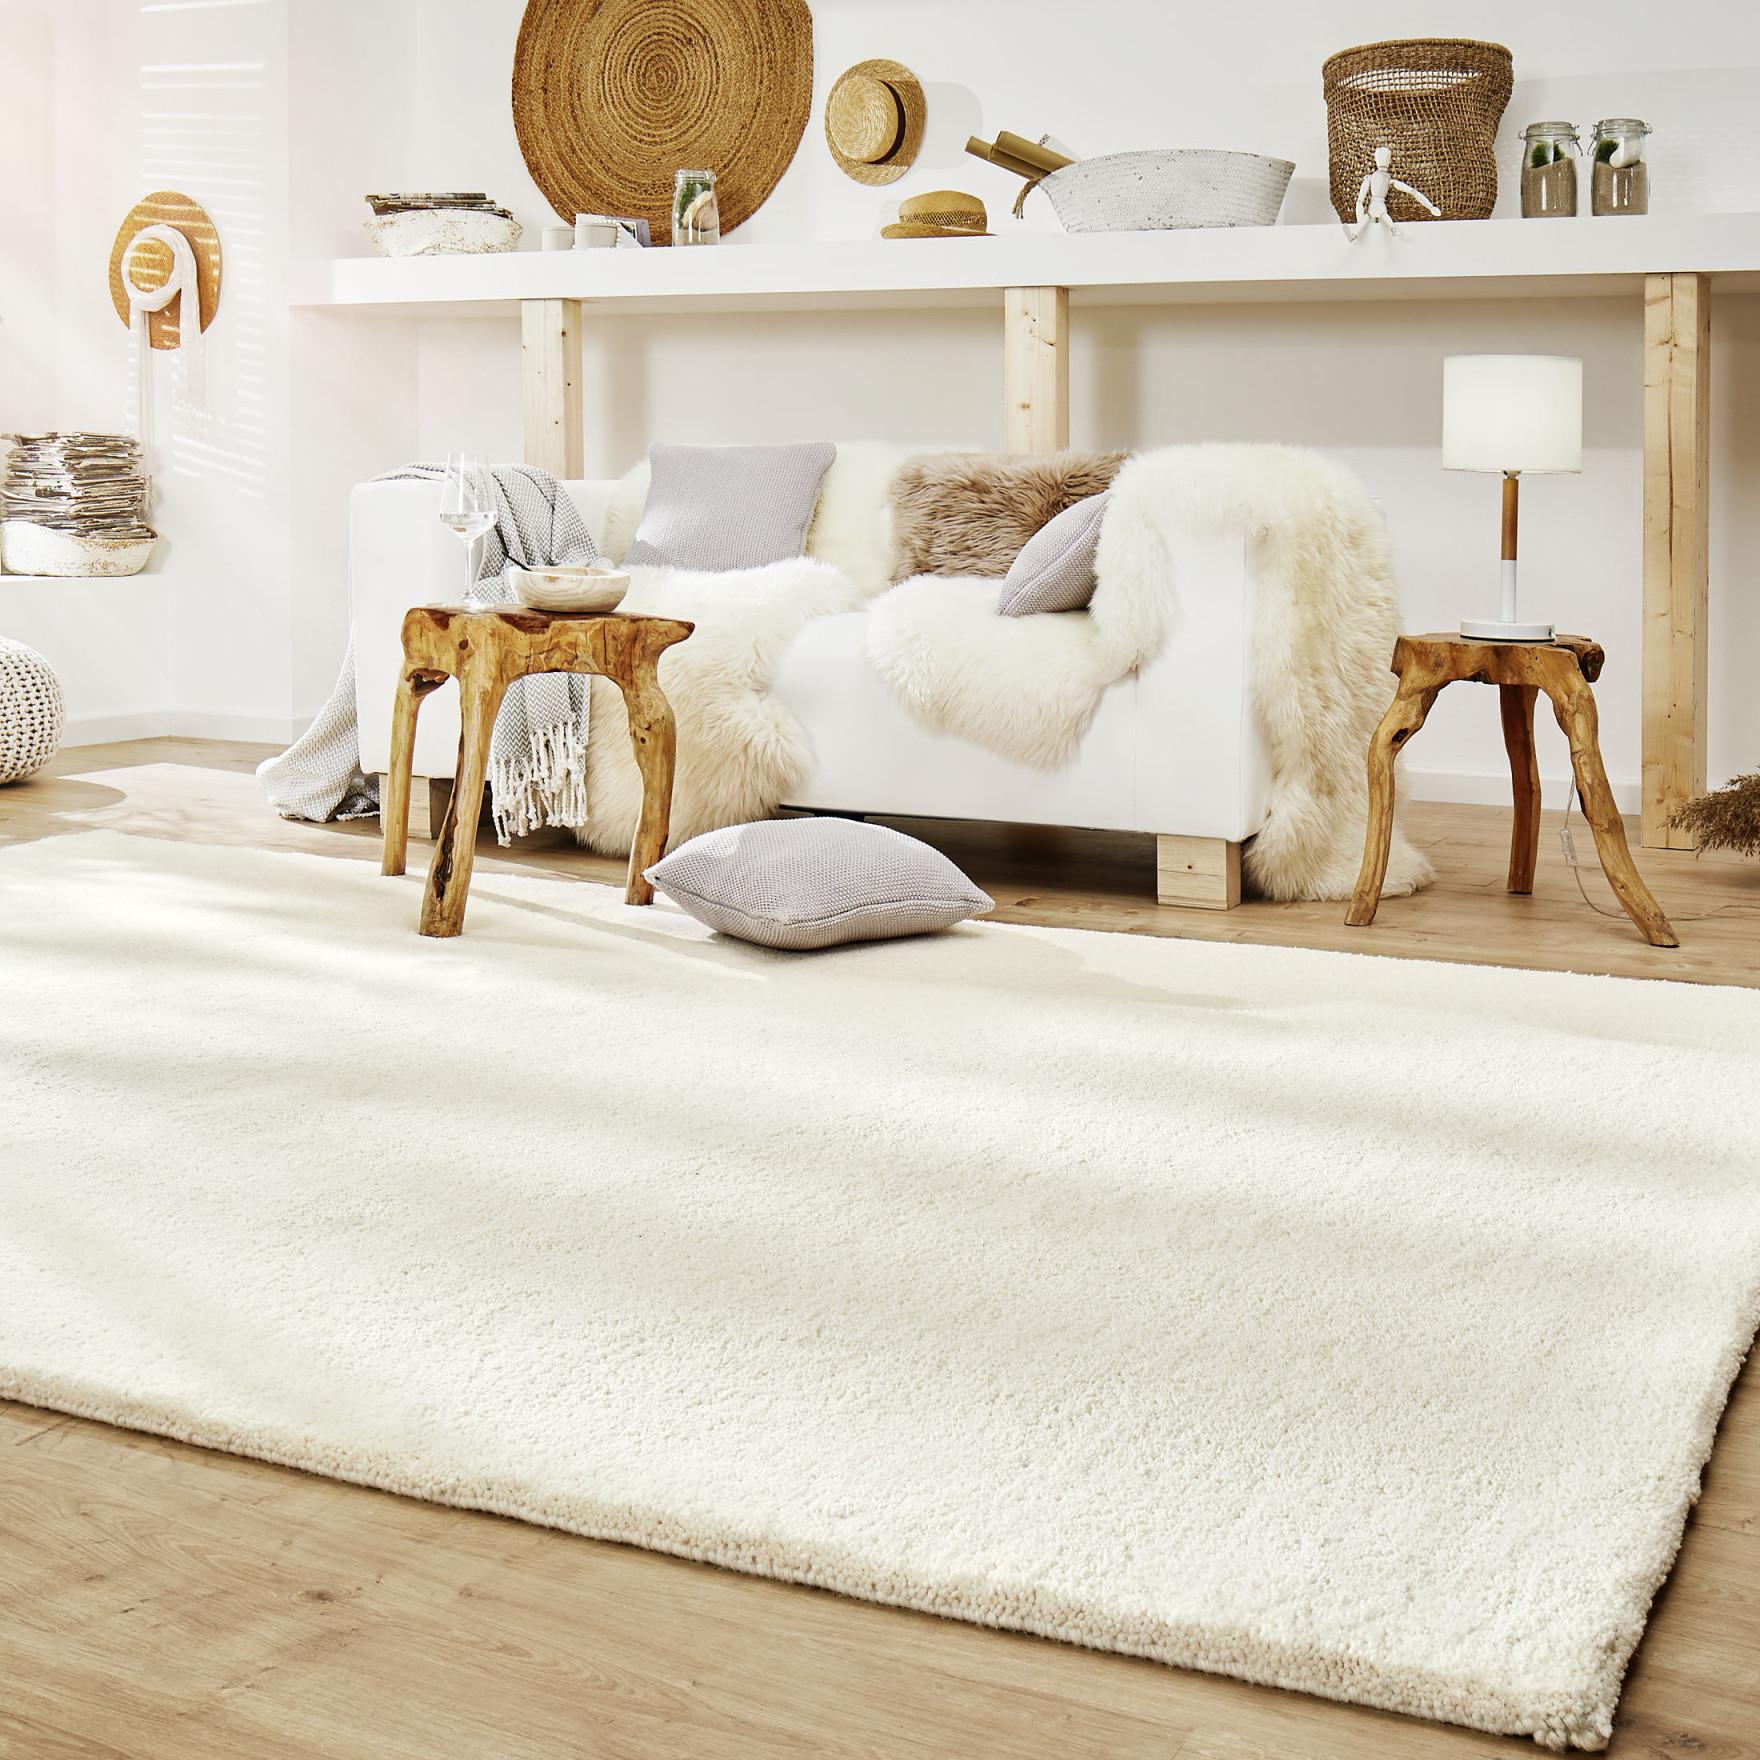 Aktuelle Trends  Teppiche Und Wohntextilien  Kibek von Wohnzimmer Teppich 250X300 Photo